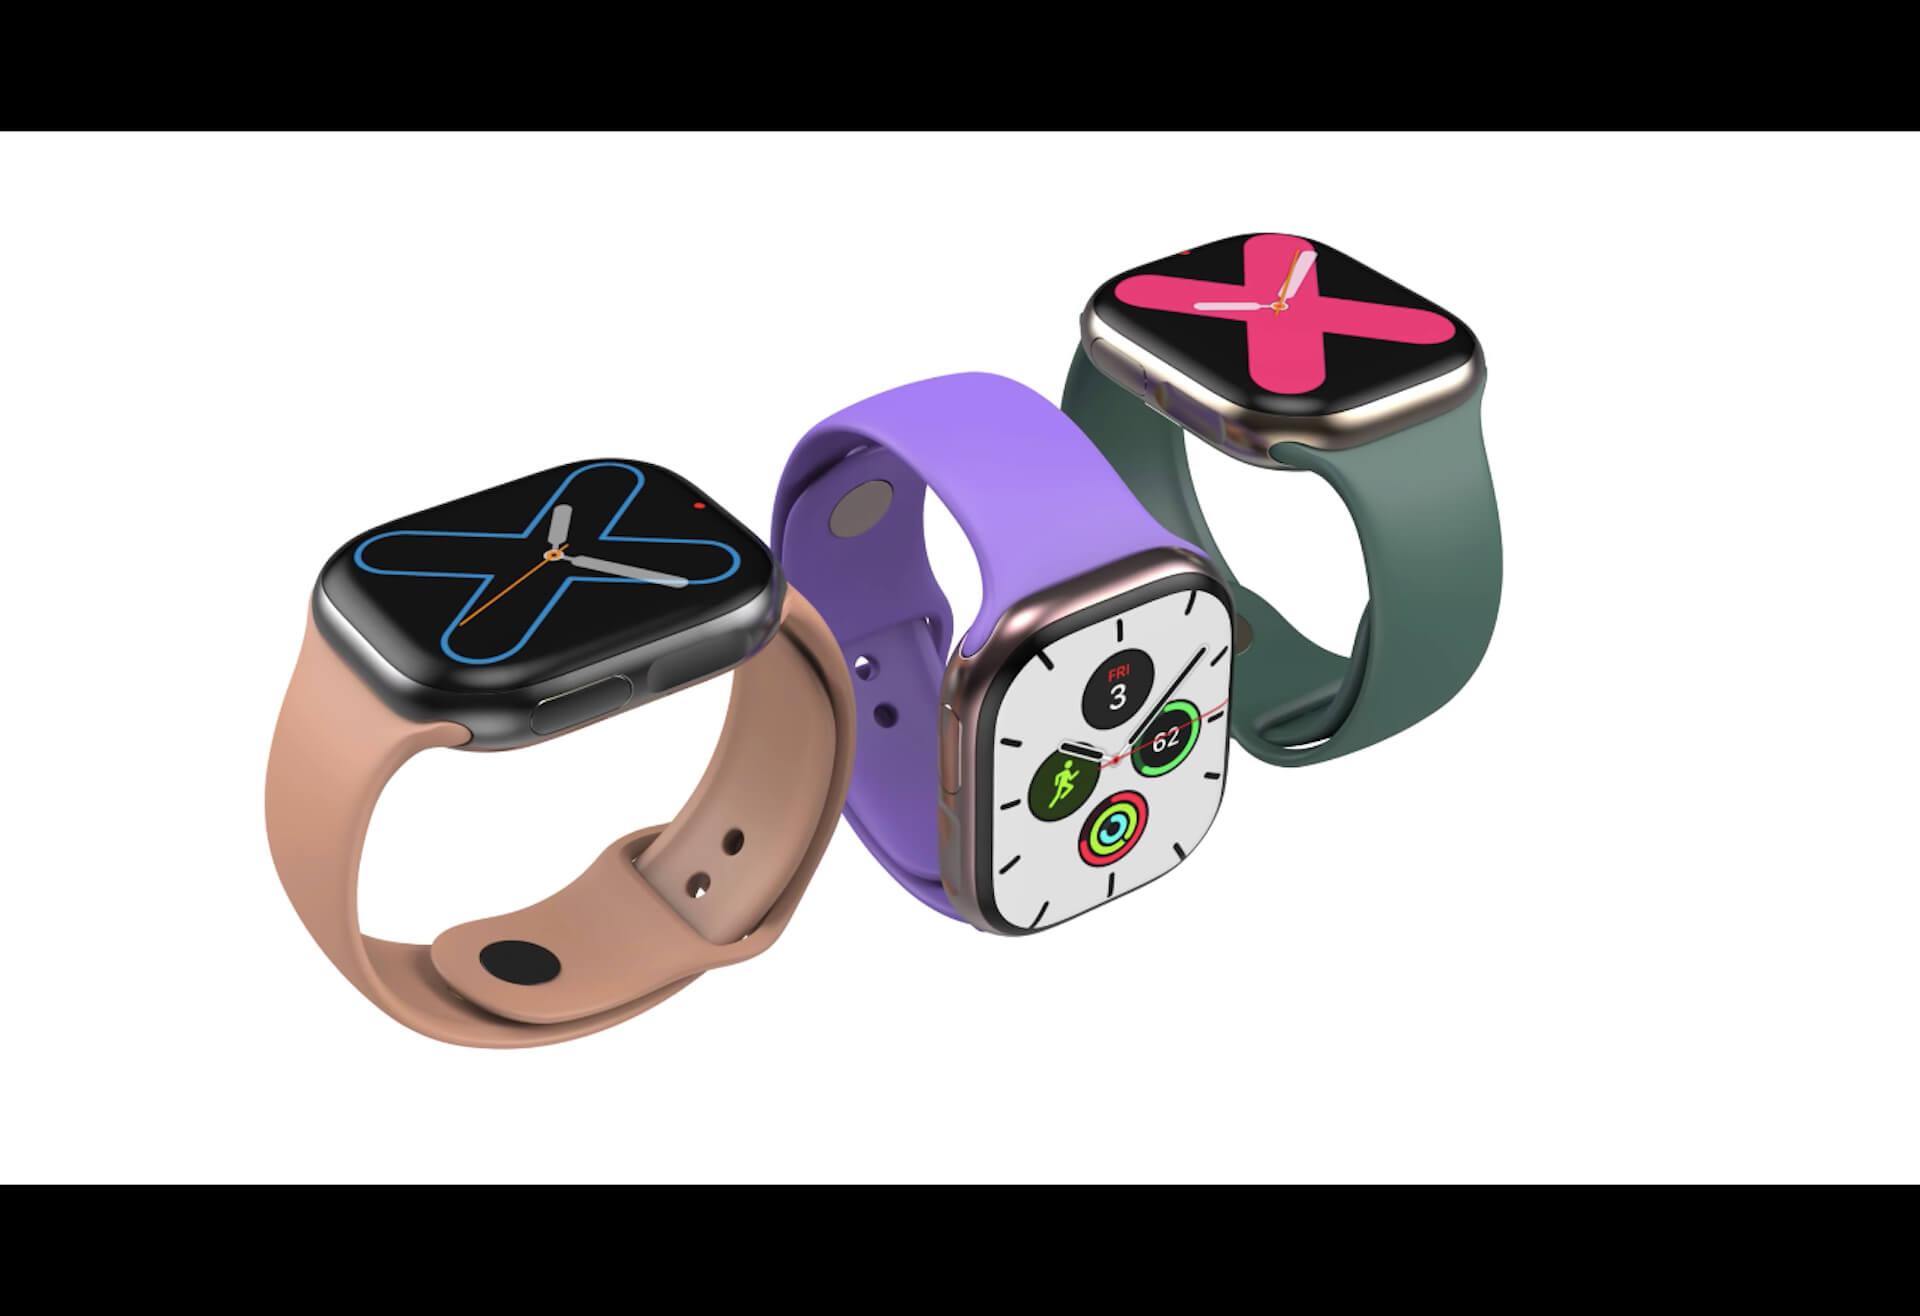 今月の新型Apple Watchの発表は実現しない?著名リーカーが示唆 tech200903_applewatch_main